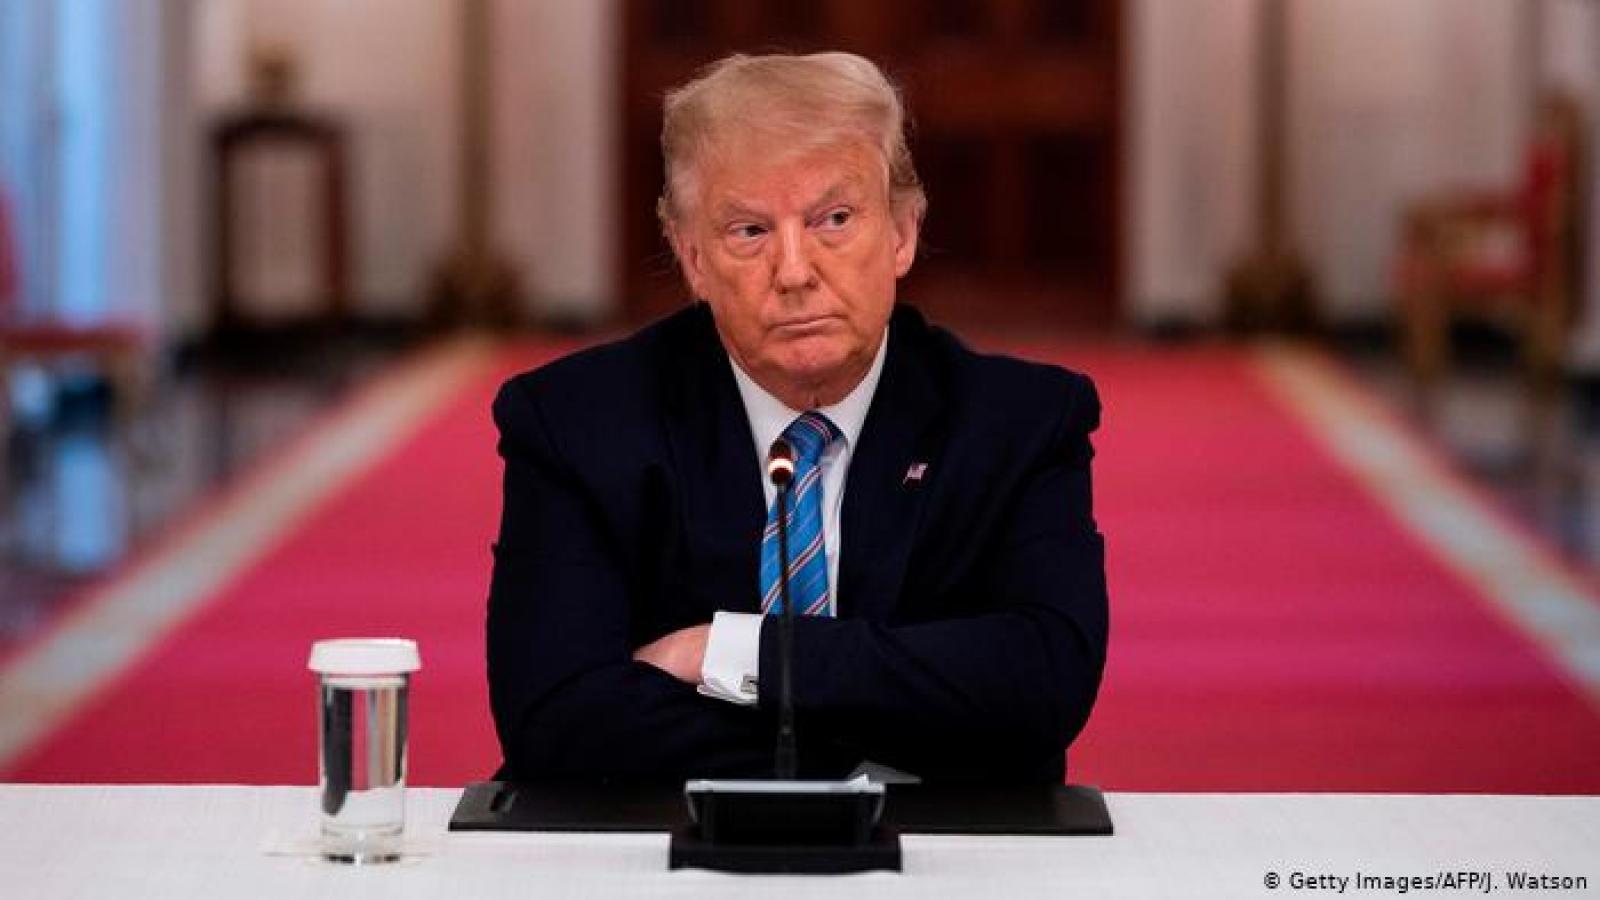 Đội ngũ của ông Biden chỉ trích chính quyền Trump thiếu hợp tác trong việc chuyển giao